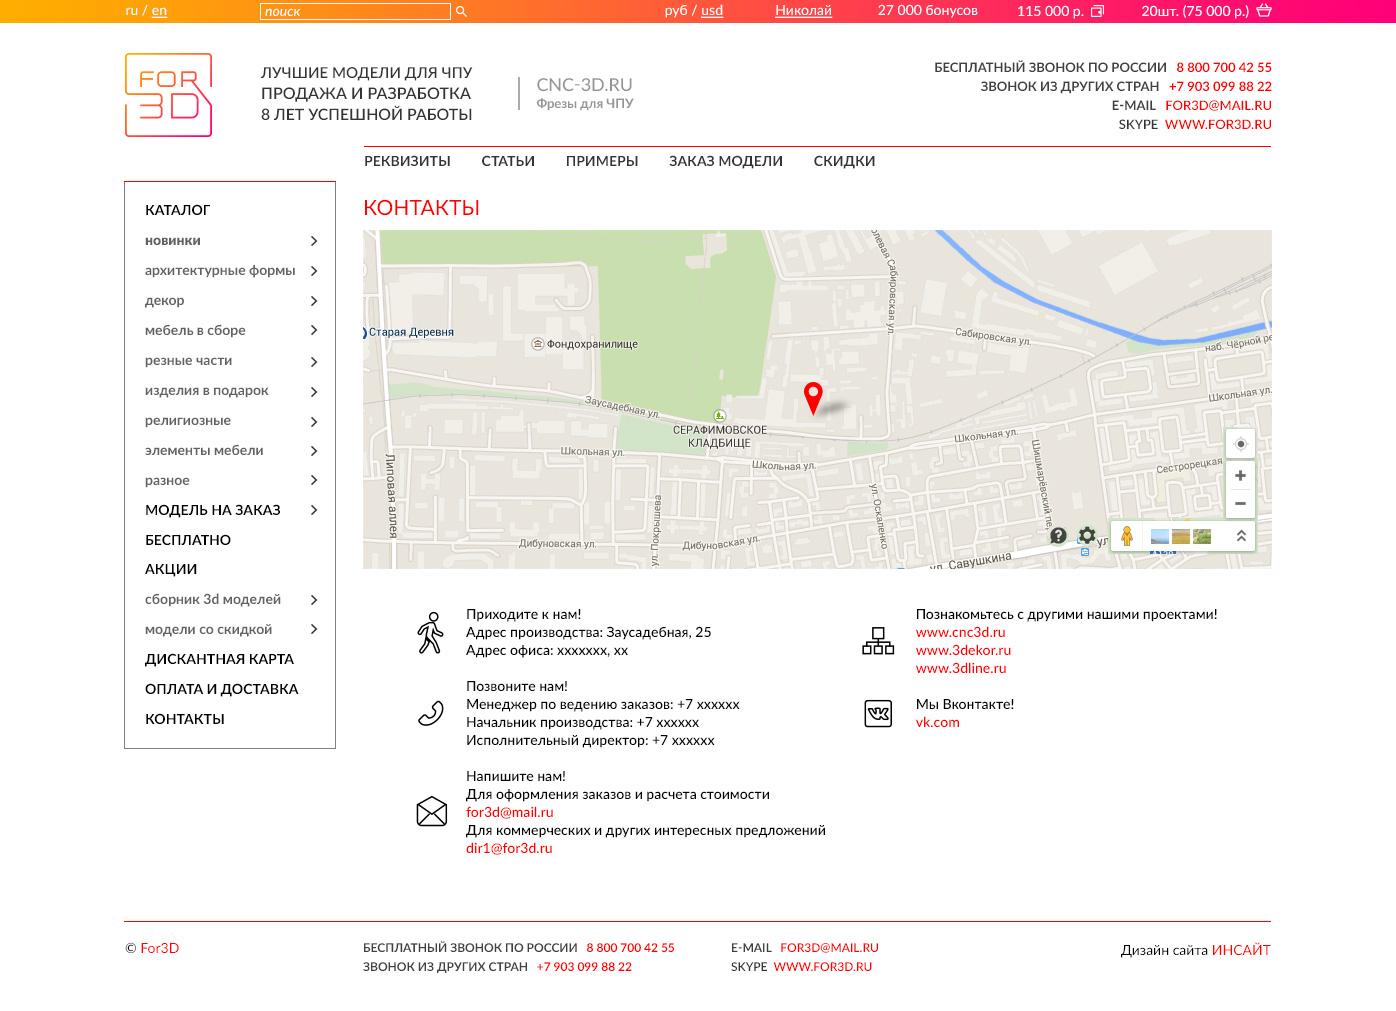 متجر على الانترنت, الموقع, 3د, نموذج, CNC, شعار, FOR3D